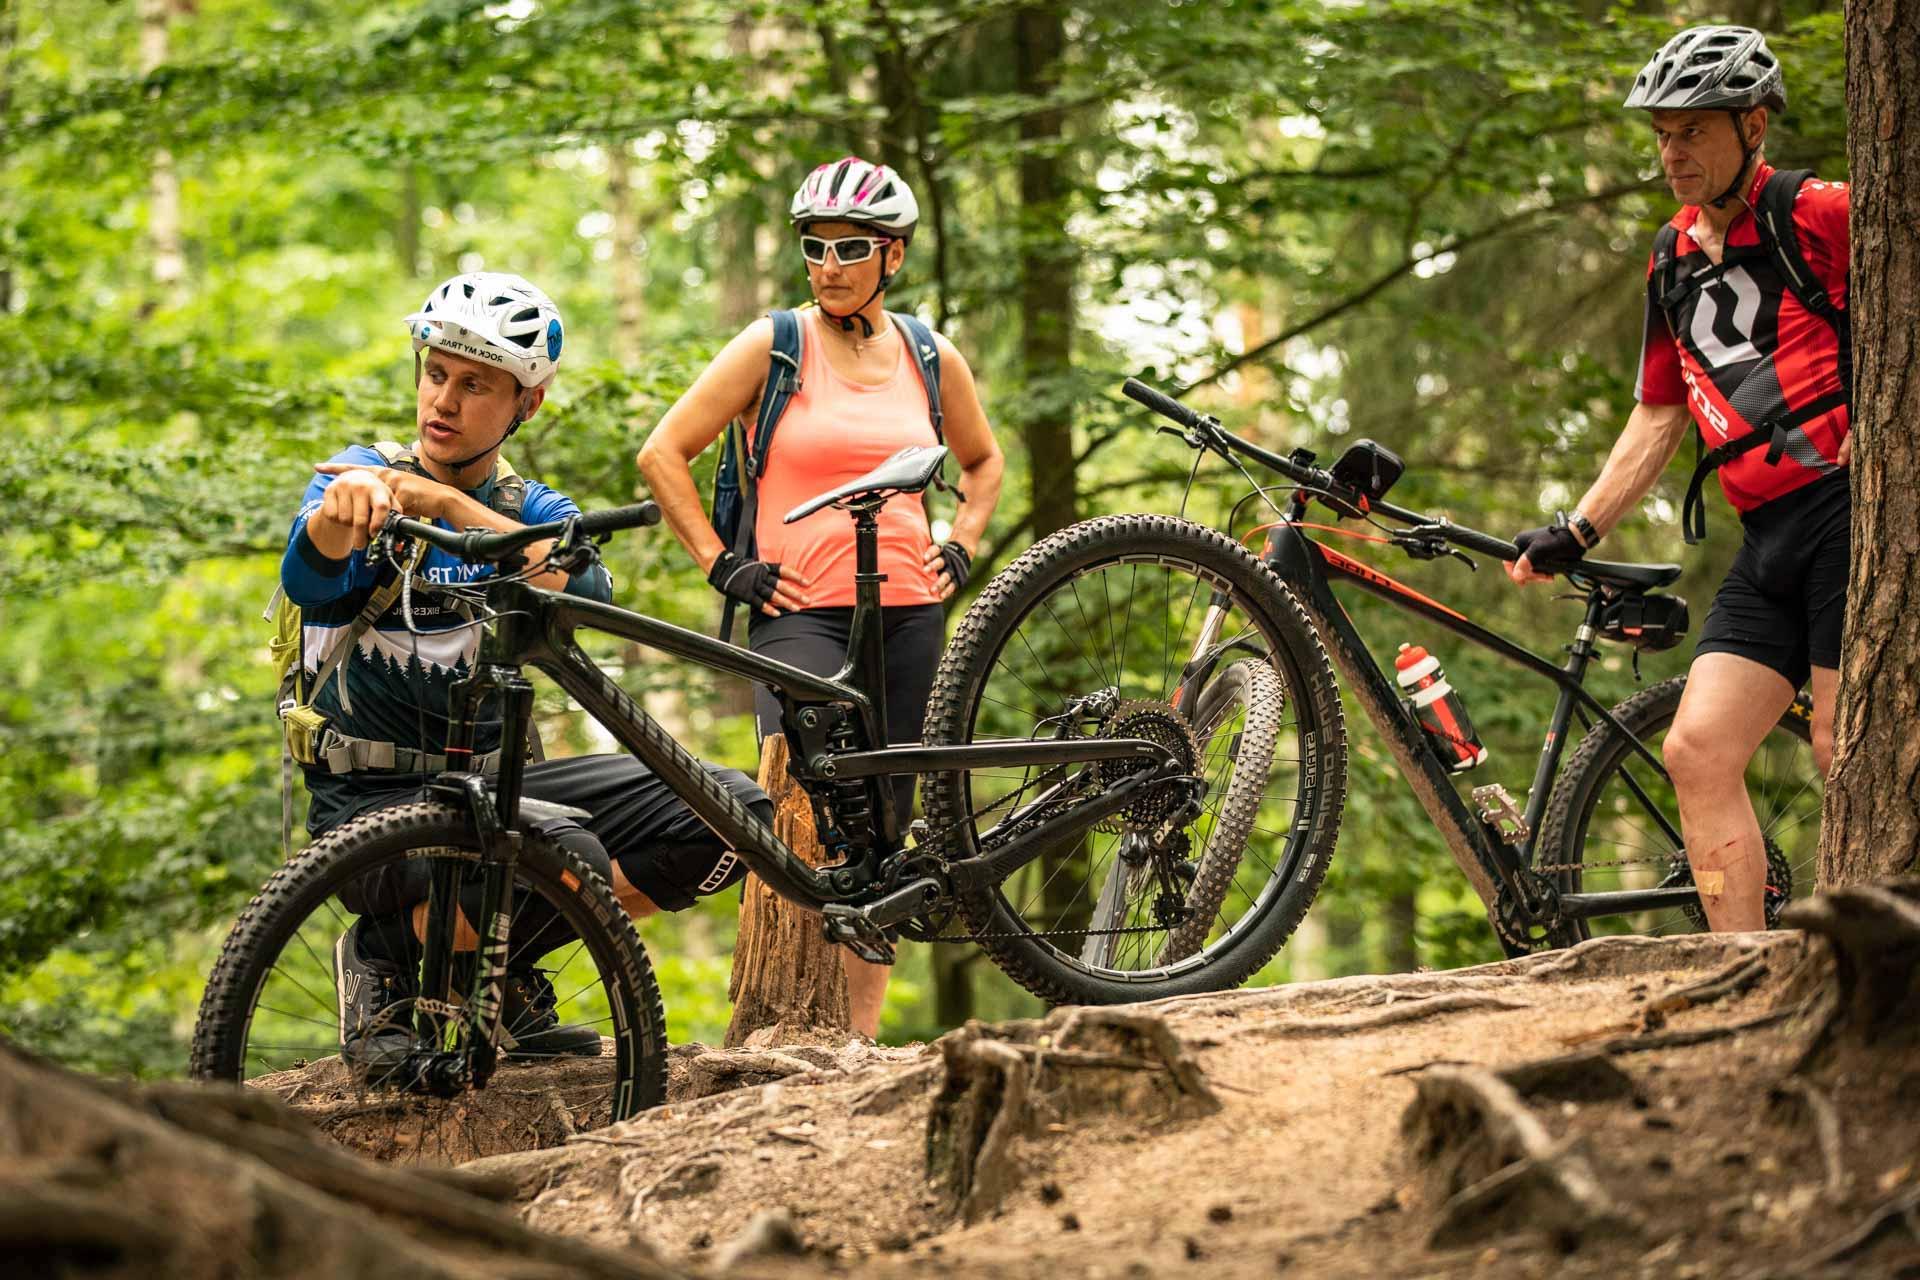 MTB Fahrtechnik Kurs für Einsteiger in Moers - Mountainbike Basic - Rock my Trail Bikeschule - 9